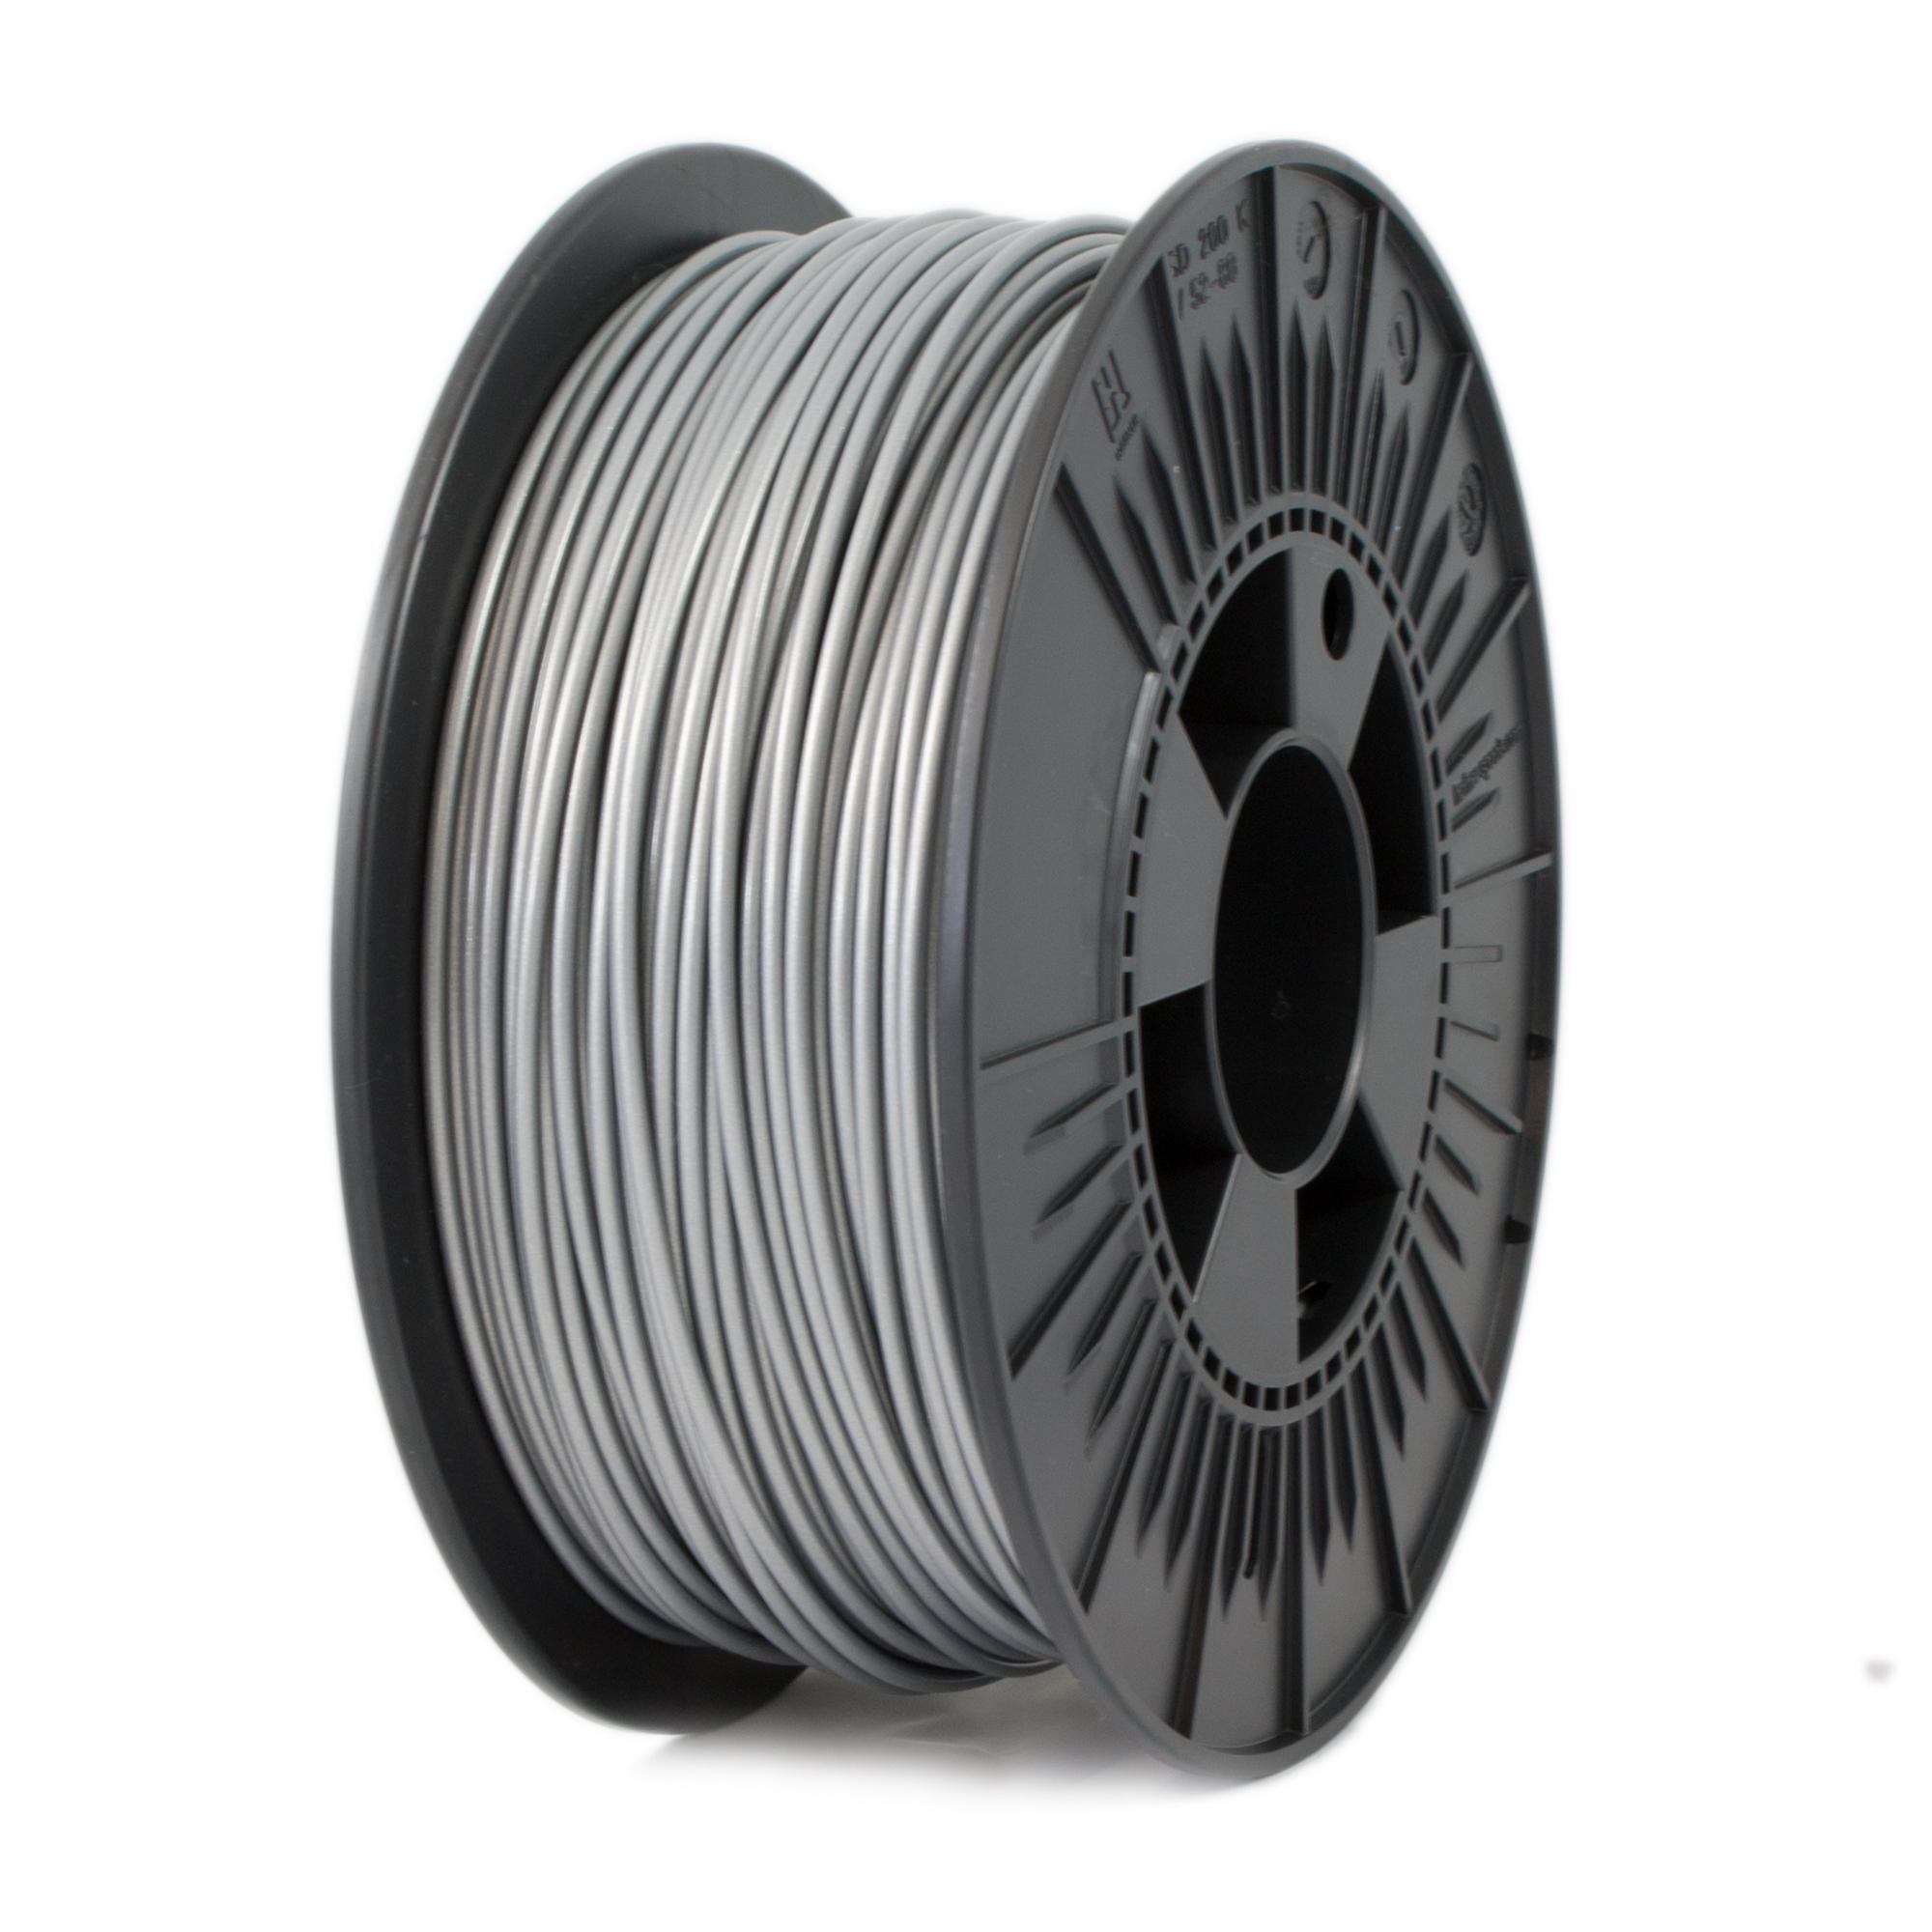 Filamentive  Silver PLA 2.85 mm